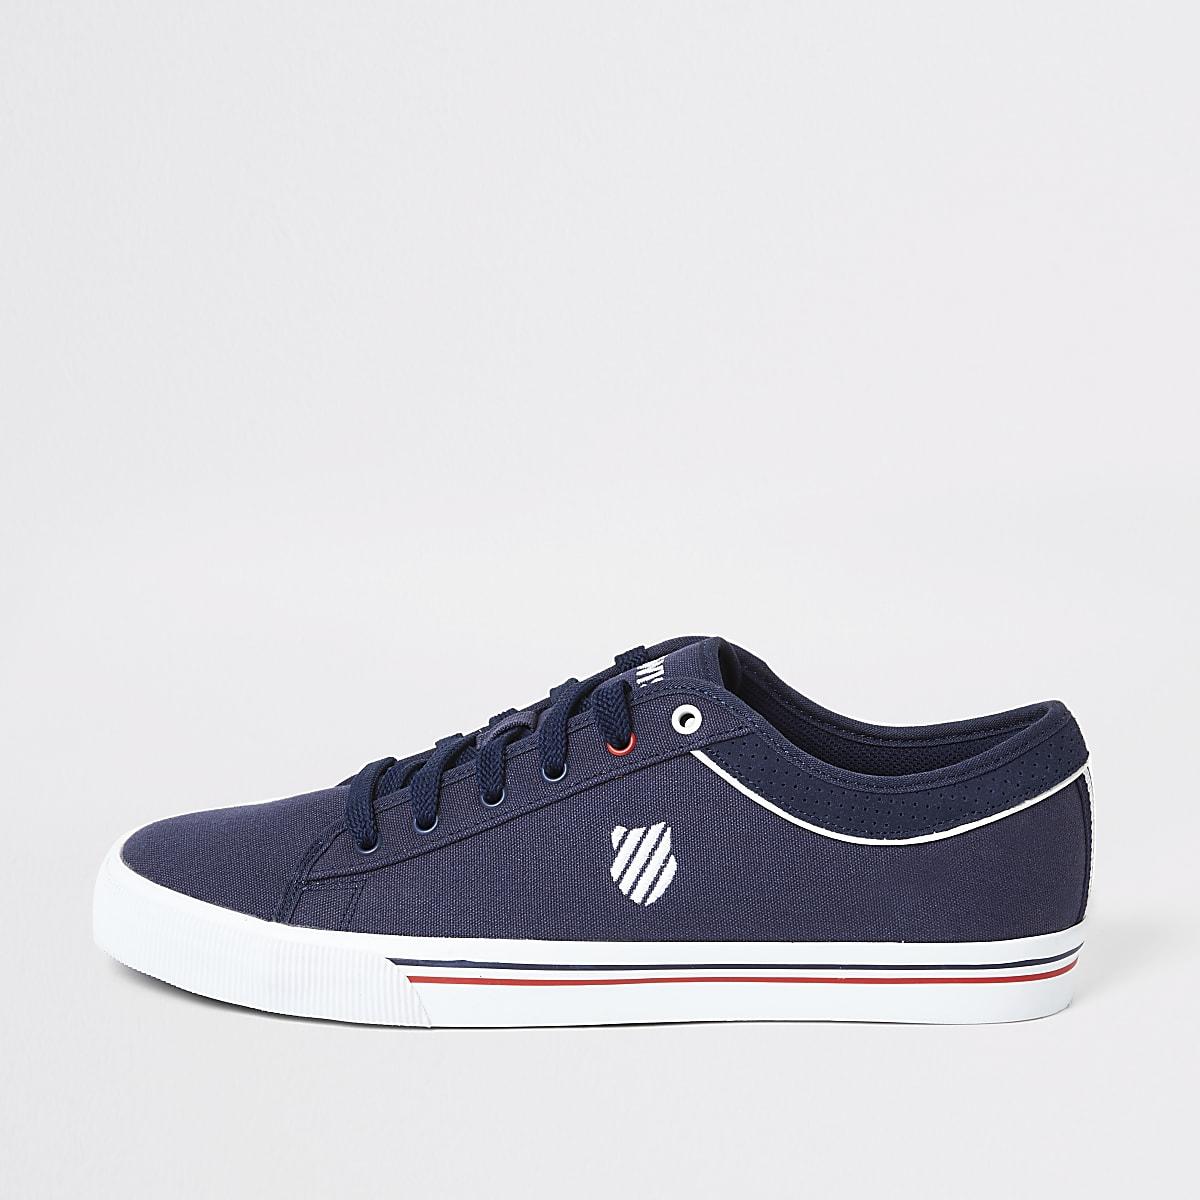 K-Swiss - Marineblauwe canvas sneakers met vetersluiting